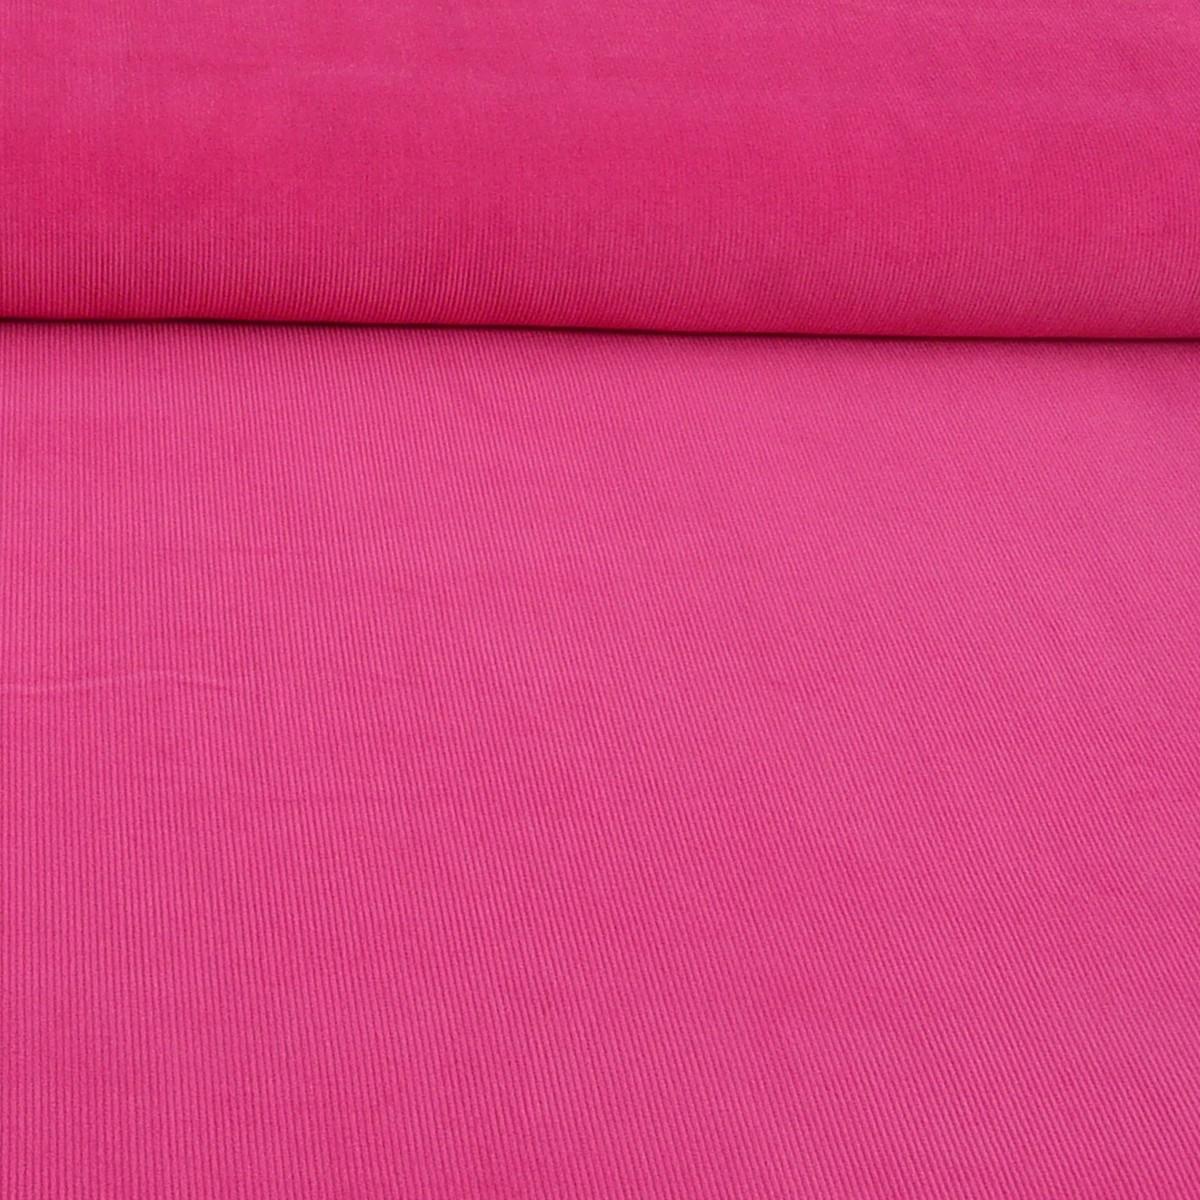 Bekleidungsstoff Cord einfarbig pink